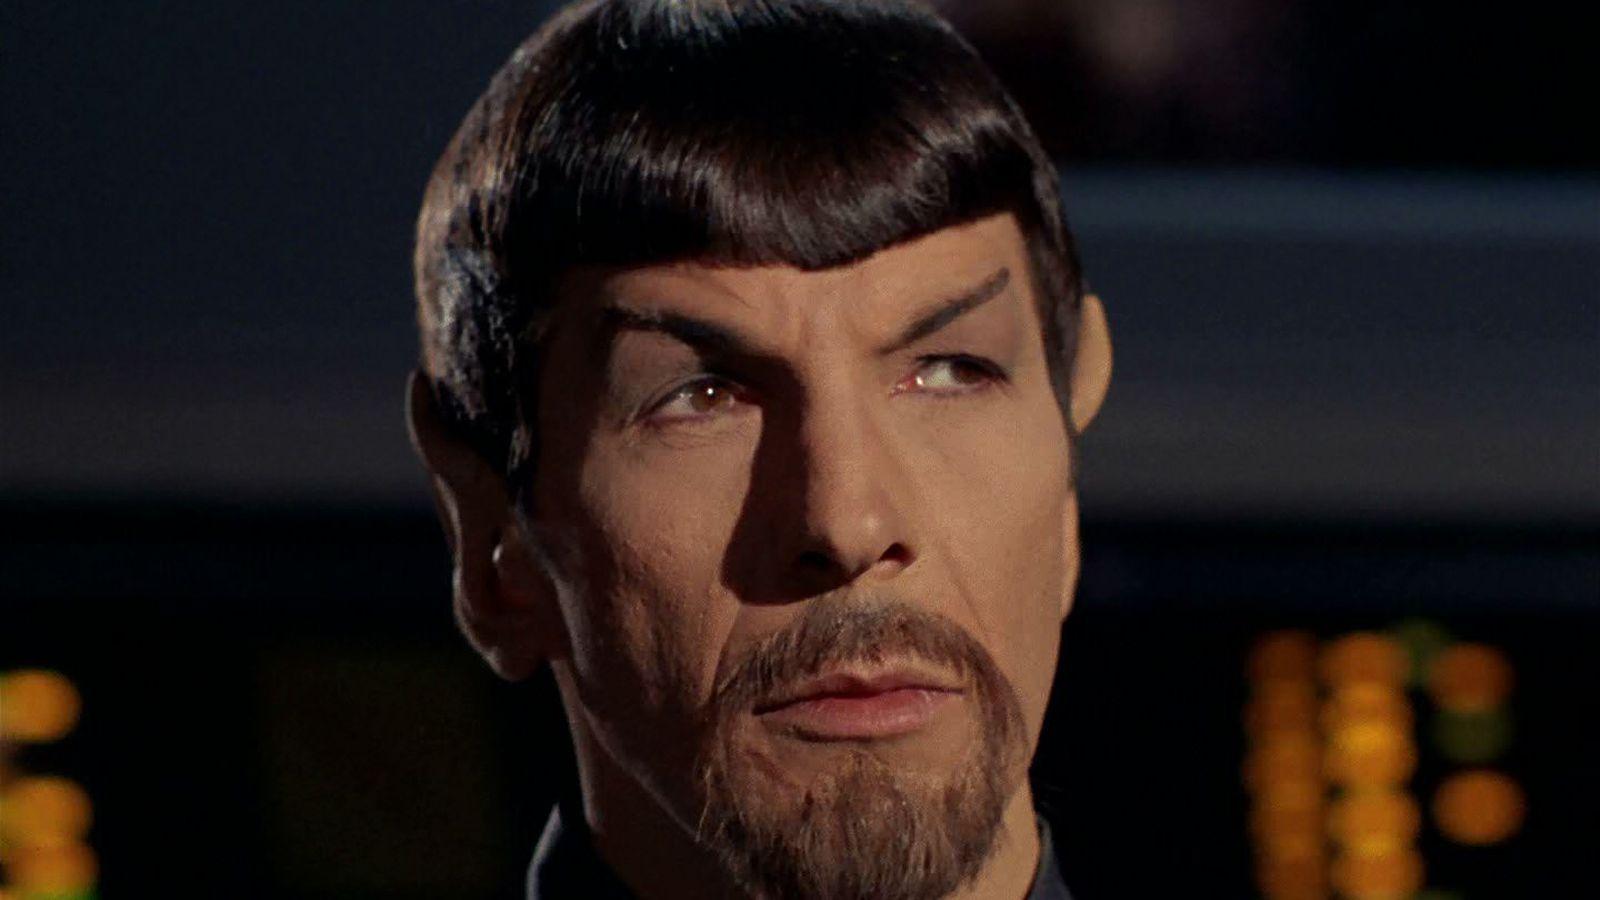 Spockmirror.0